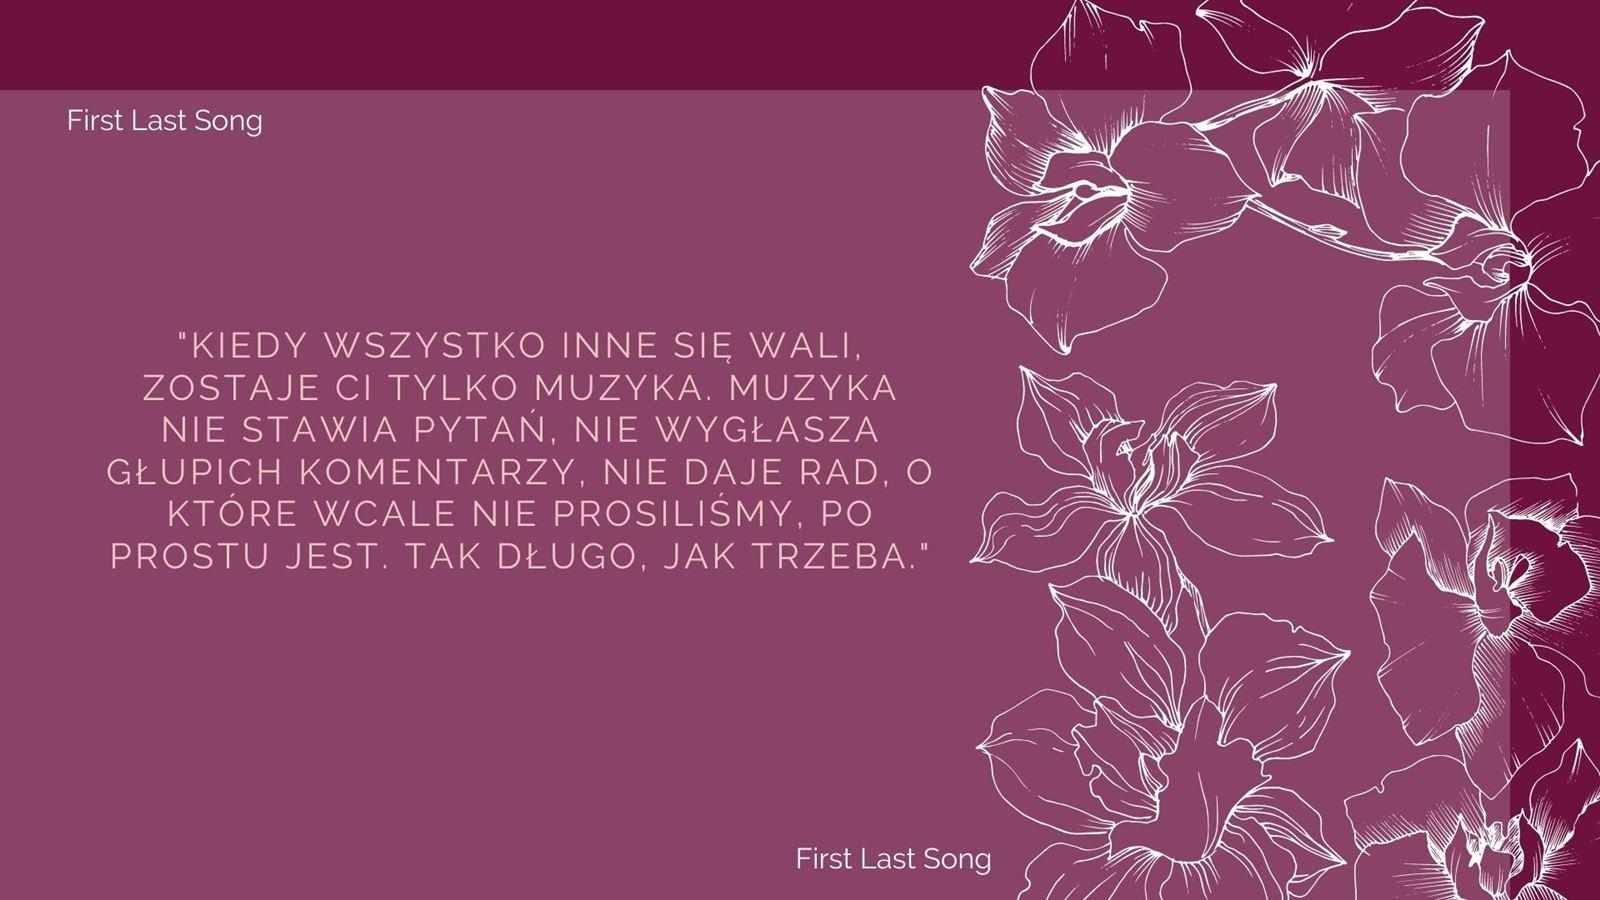 someone new mona kasten opinie recenzje begin again first last song bianca isovini wydawnictwo jaguar blog z recenzjami cytat cytaty z ksiązek o muzyce